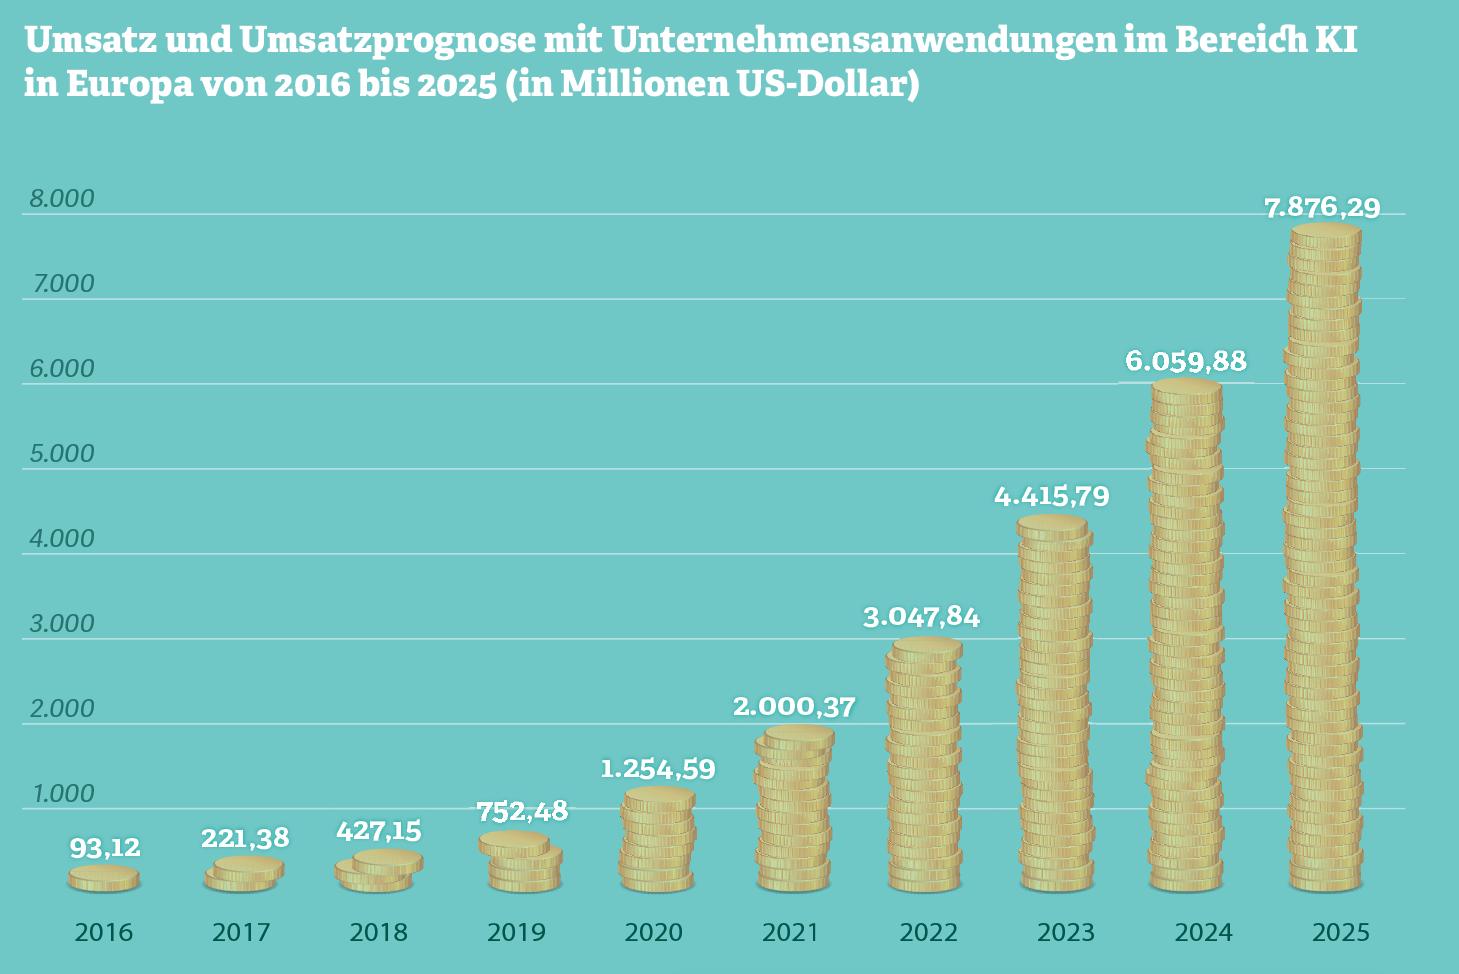 Grafik: Umsatz und Umsatzprognose mit Unternehmensanwendungen im Bereich KI in Europa (2016–2025)